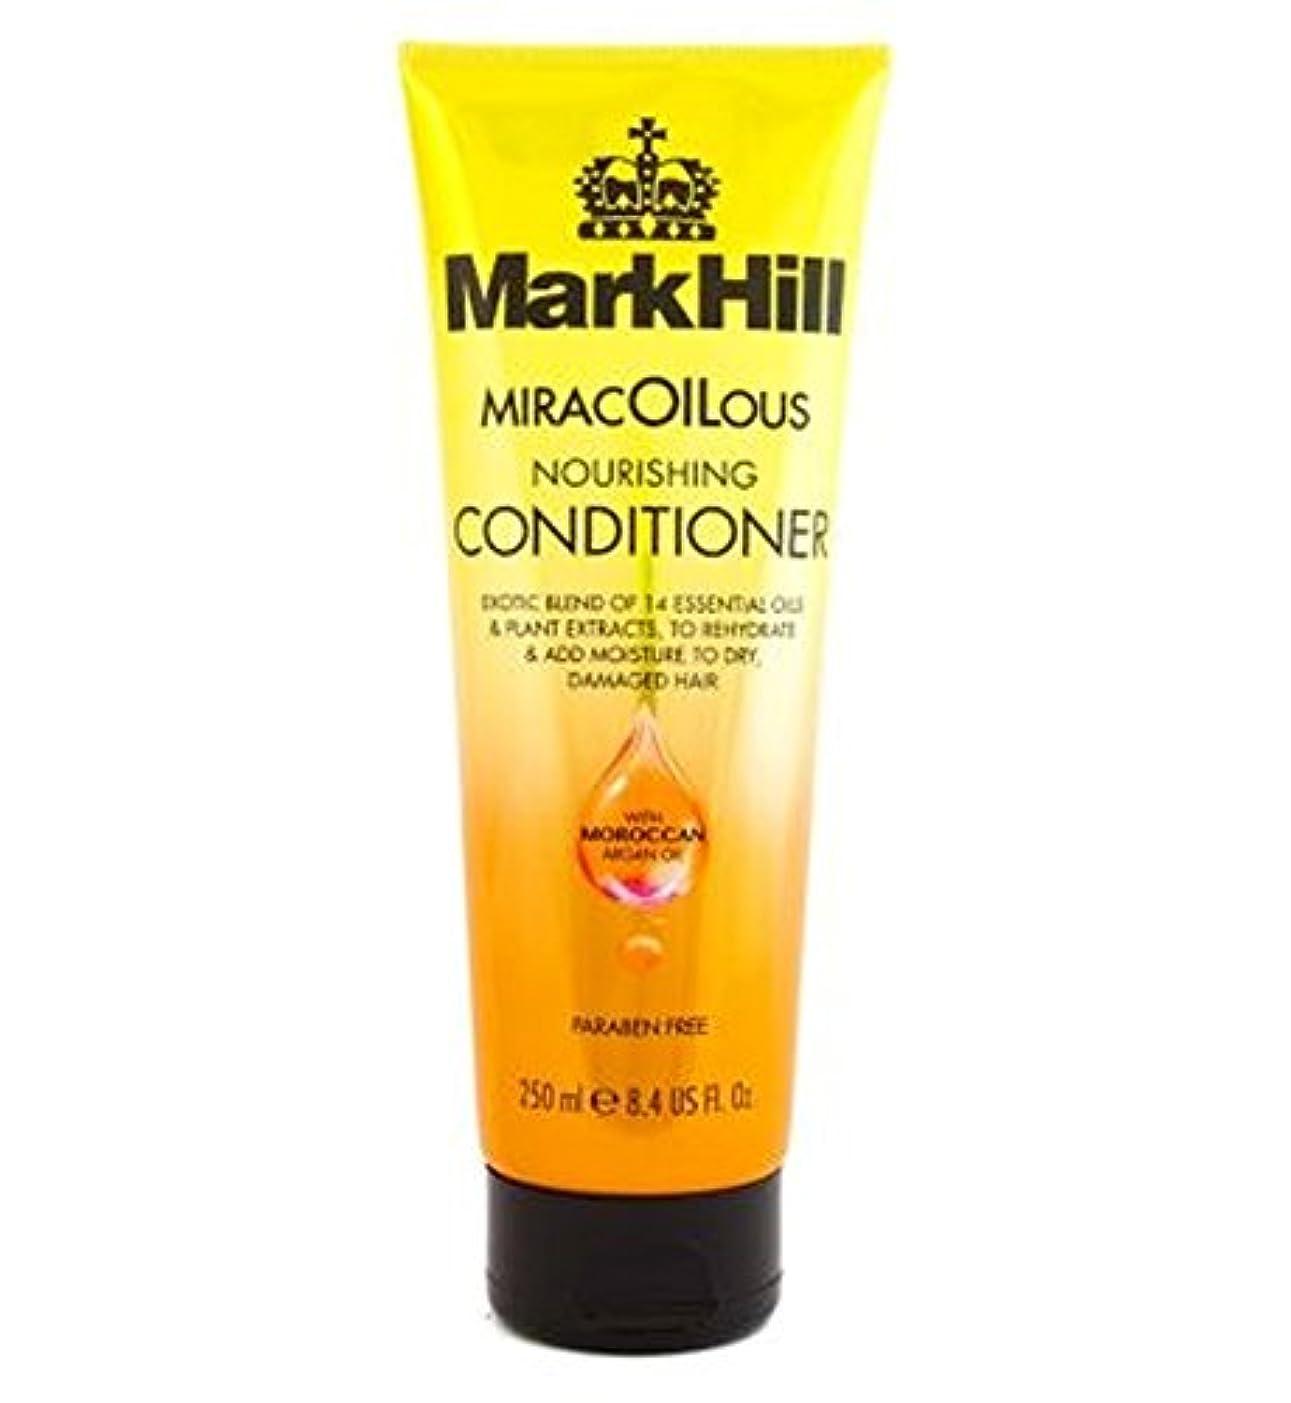 グレートバリアリーフ麻酔薬しがみつくマーク丘Miracoiliciousコンディショナー250Ml (Mark Hill) (x2) - Mark Hill MiracOILicious Conditioner 250ml (Pack of 2) [並行輸入品]